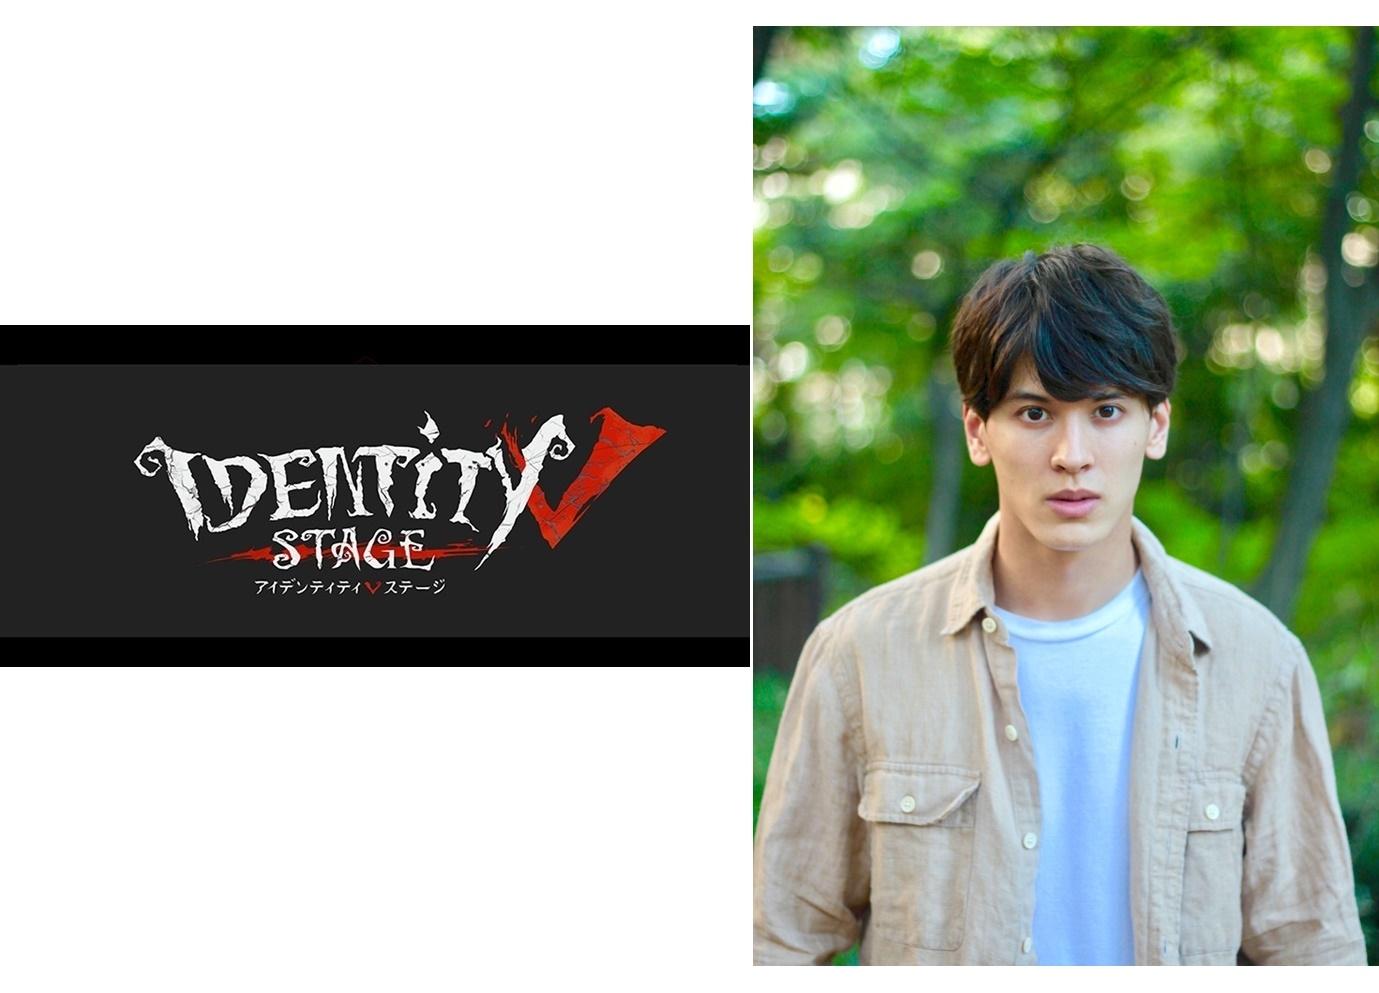 舞台『IdentityV STAGE』公演スケジュール&物語概要が公開